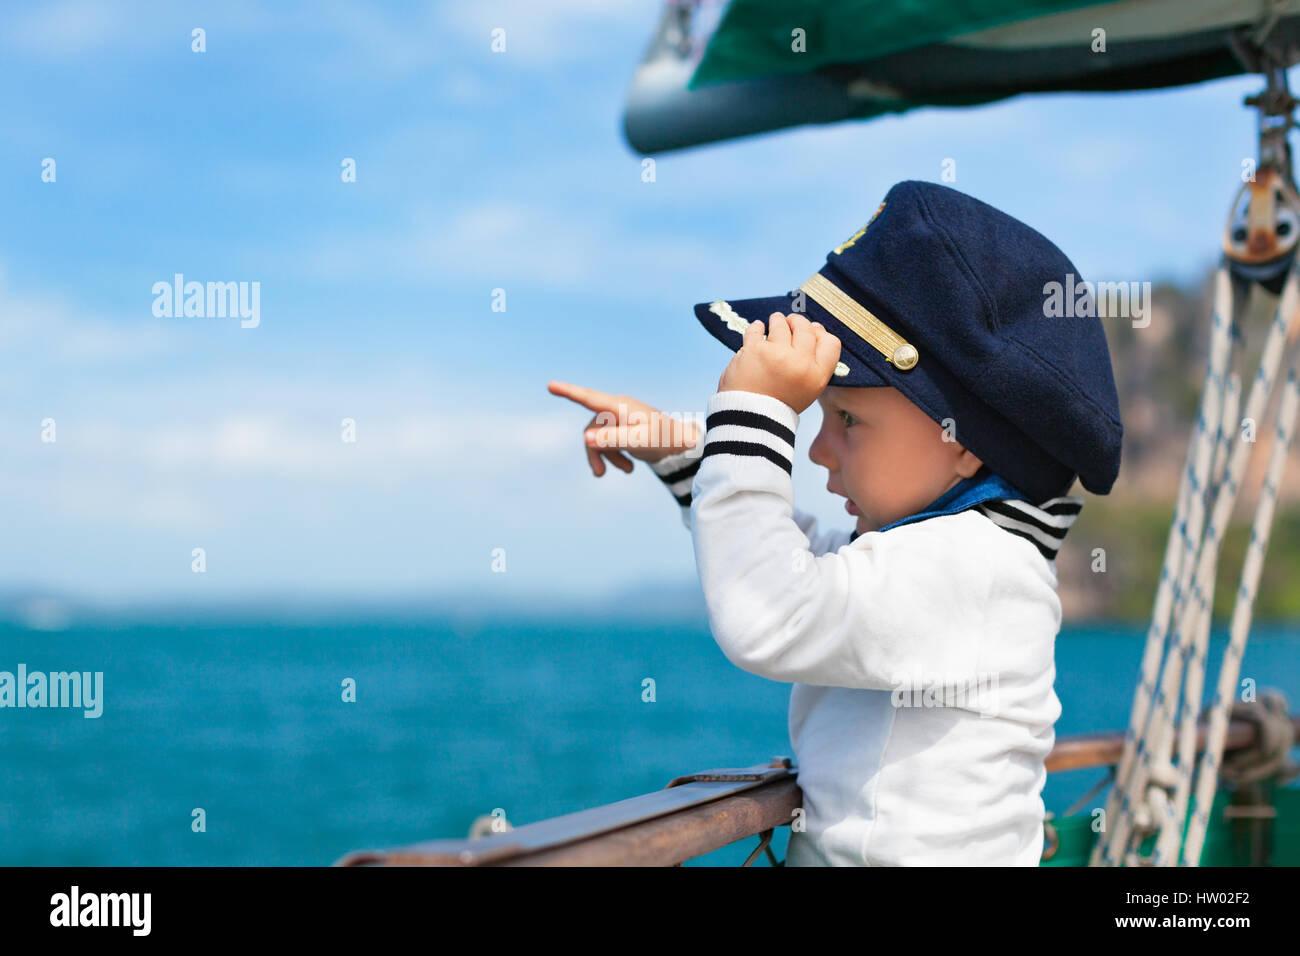 Funny little baby capitán a bordo del yate de vela mirando el mar en verano de crucero. Viajes de aventura, Imagen De Stock